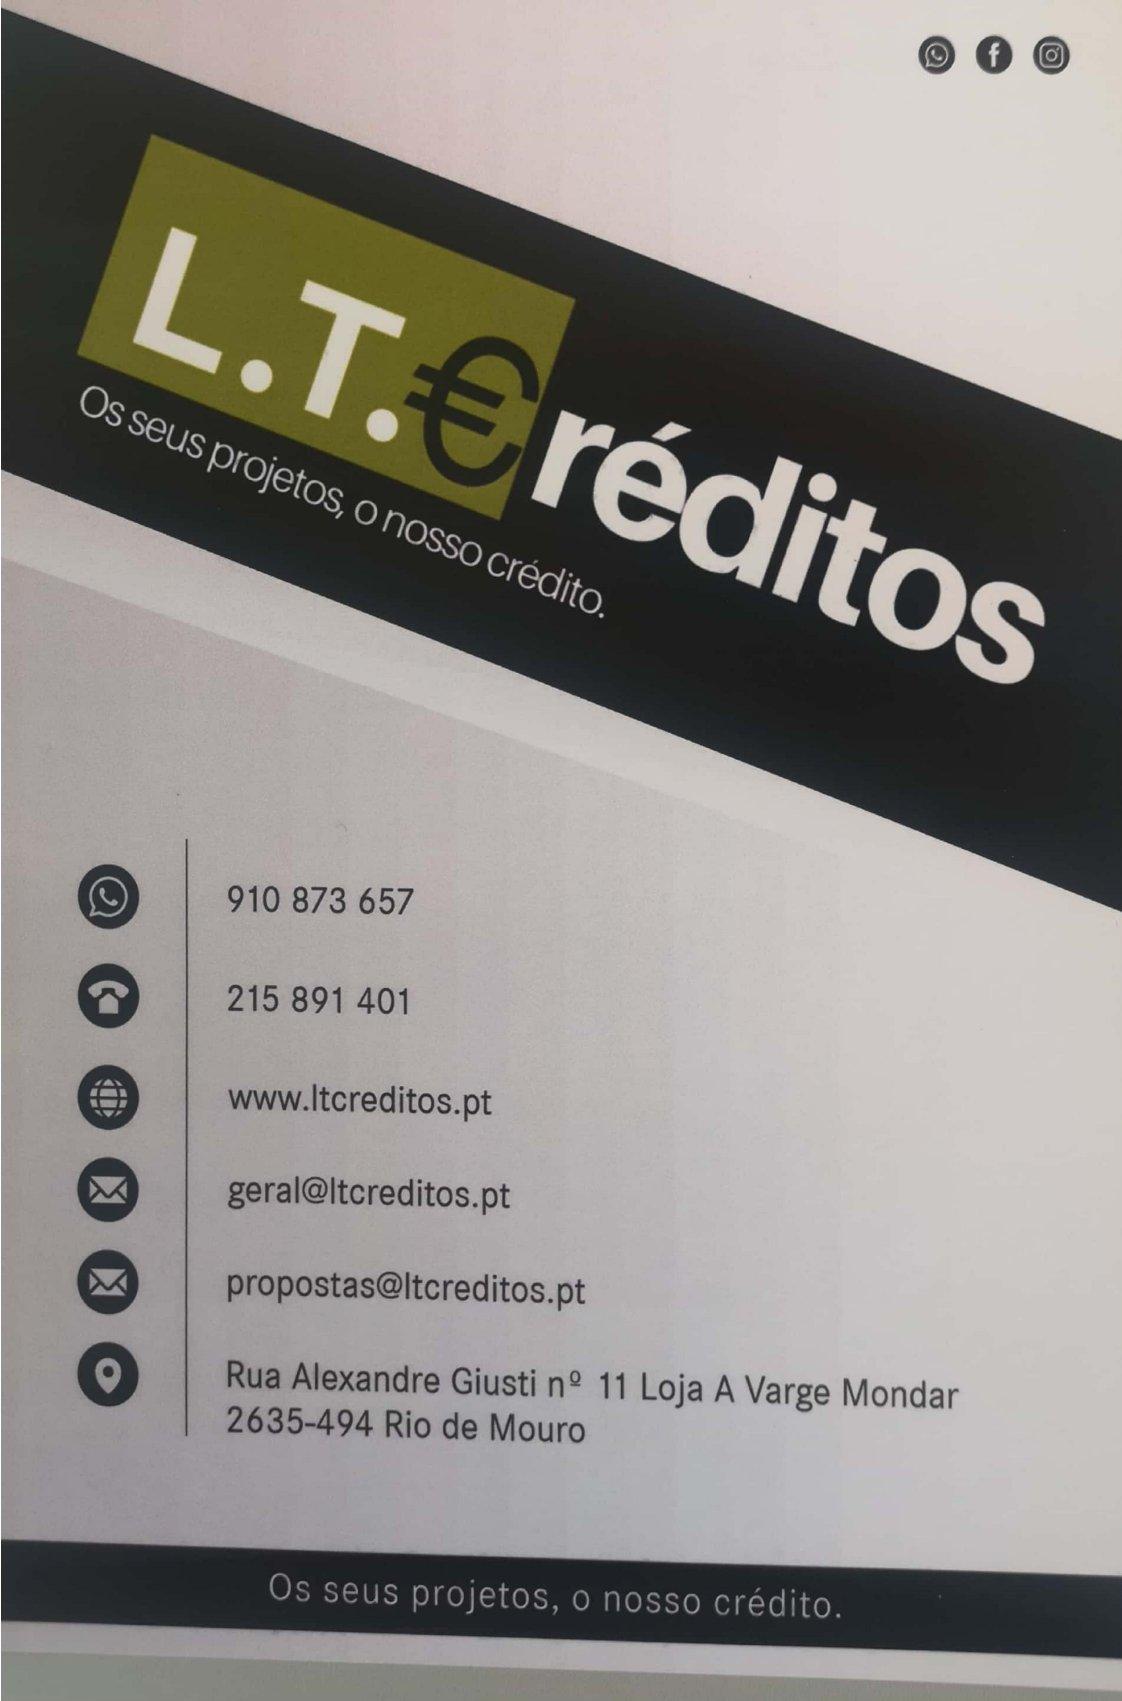 LT Creditos